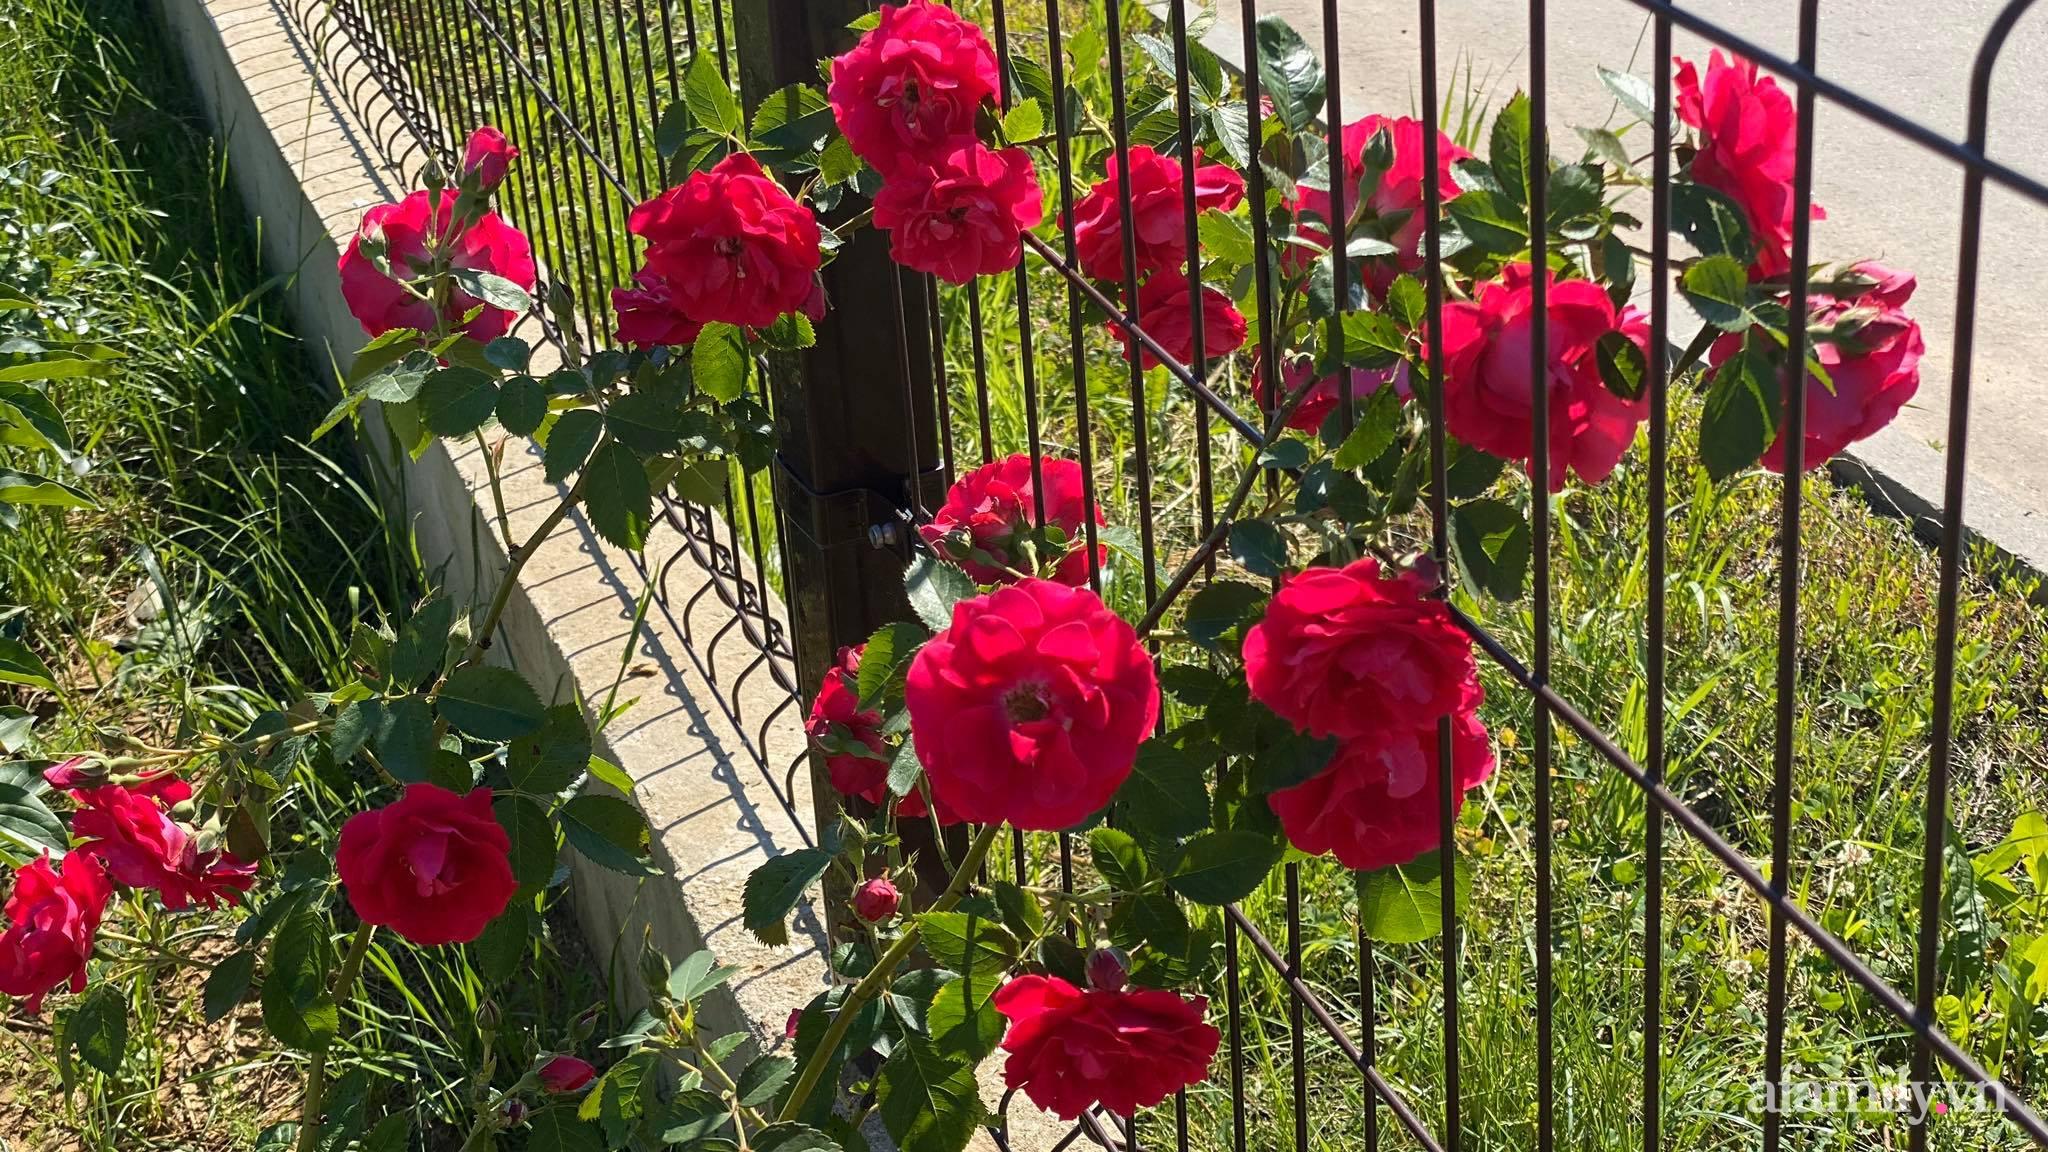 Khu vườn ngát hương hoa, tươi xanh màu rau củ của nữ giám đốc Việt ở Nga - Ảnh 7.